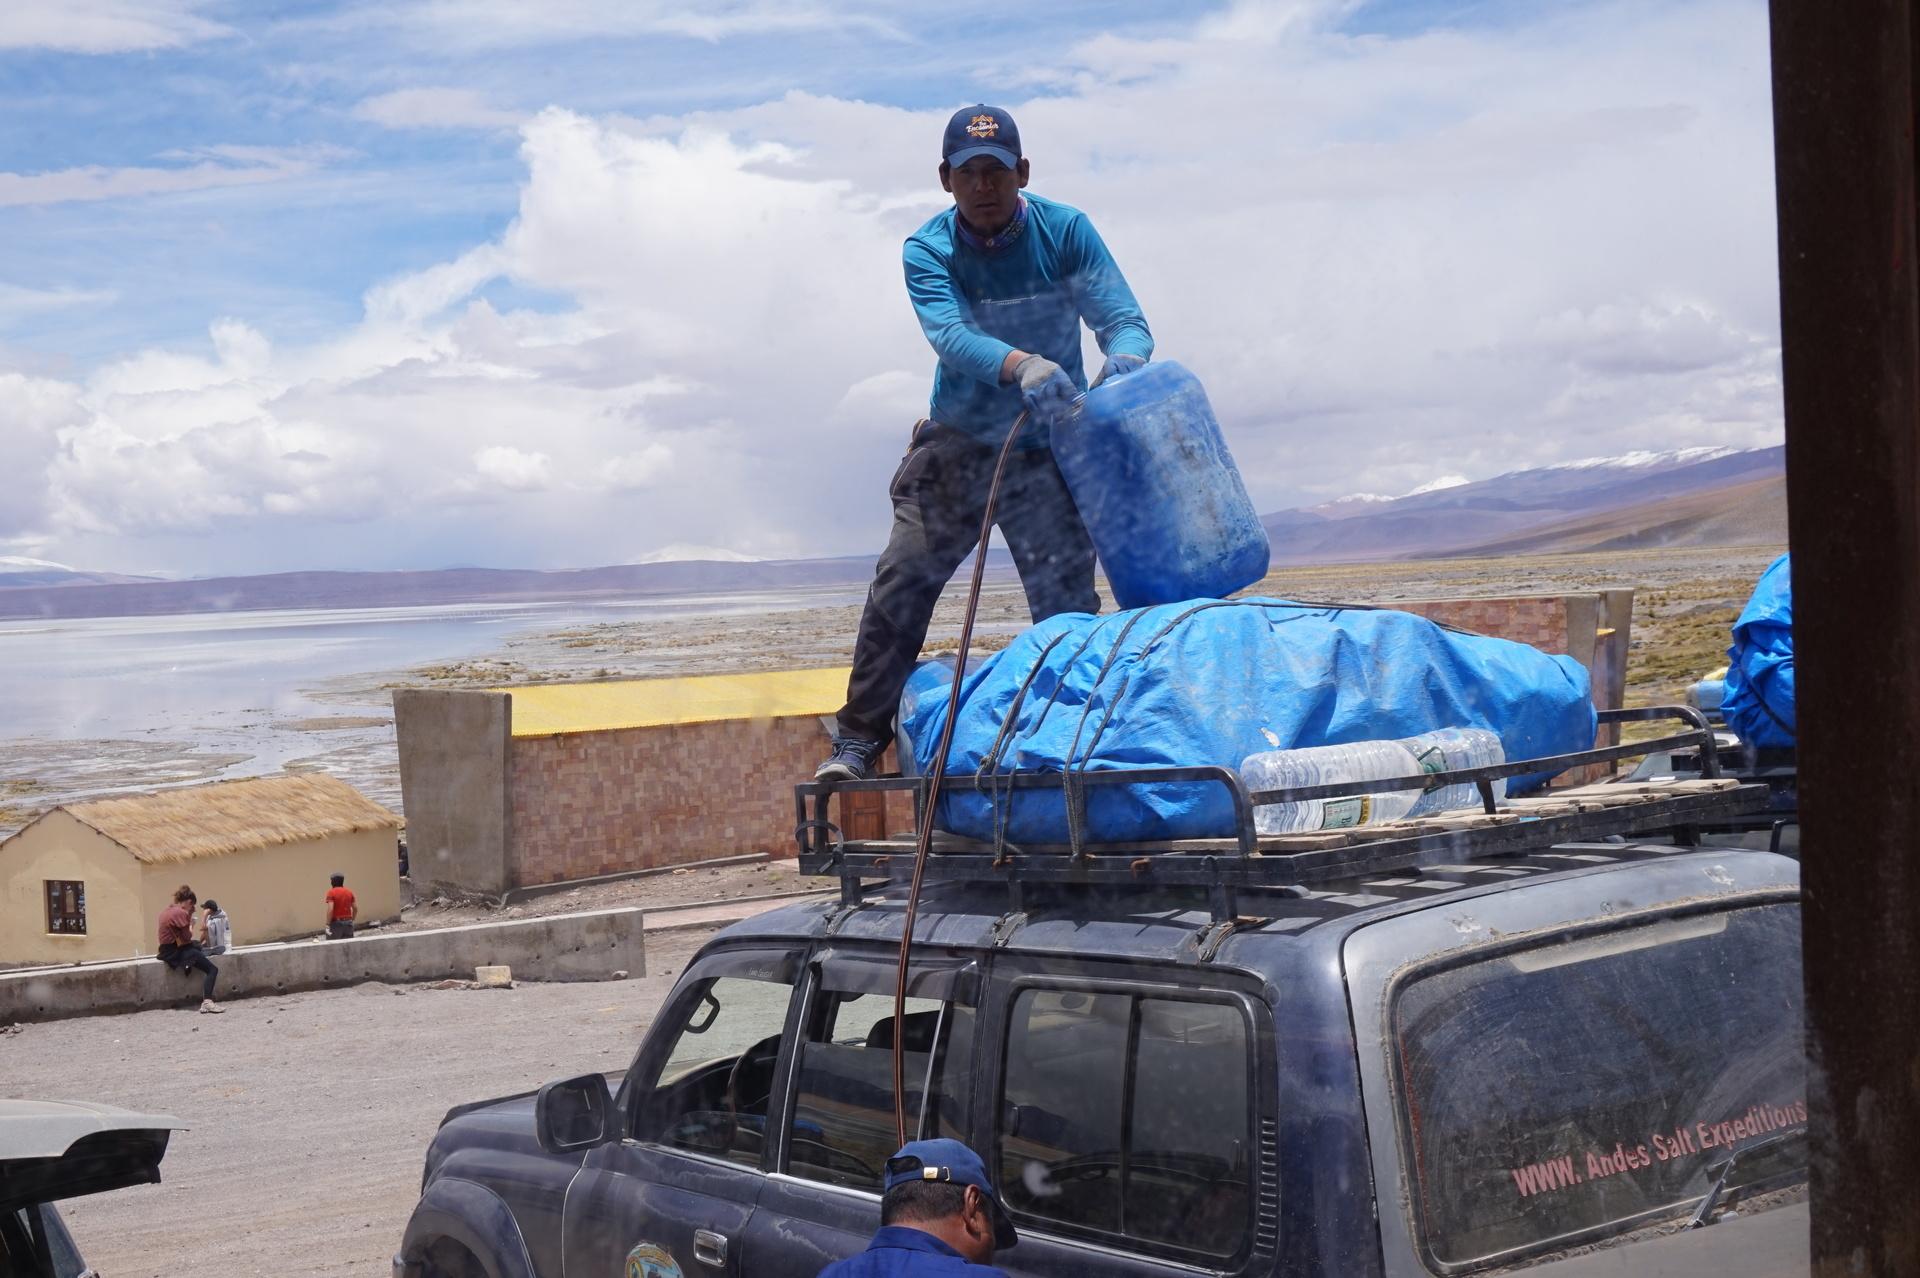 チリ ボリビア ウユニ旅行 2泊3日ツアー ガソリン入れ